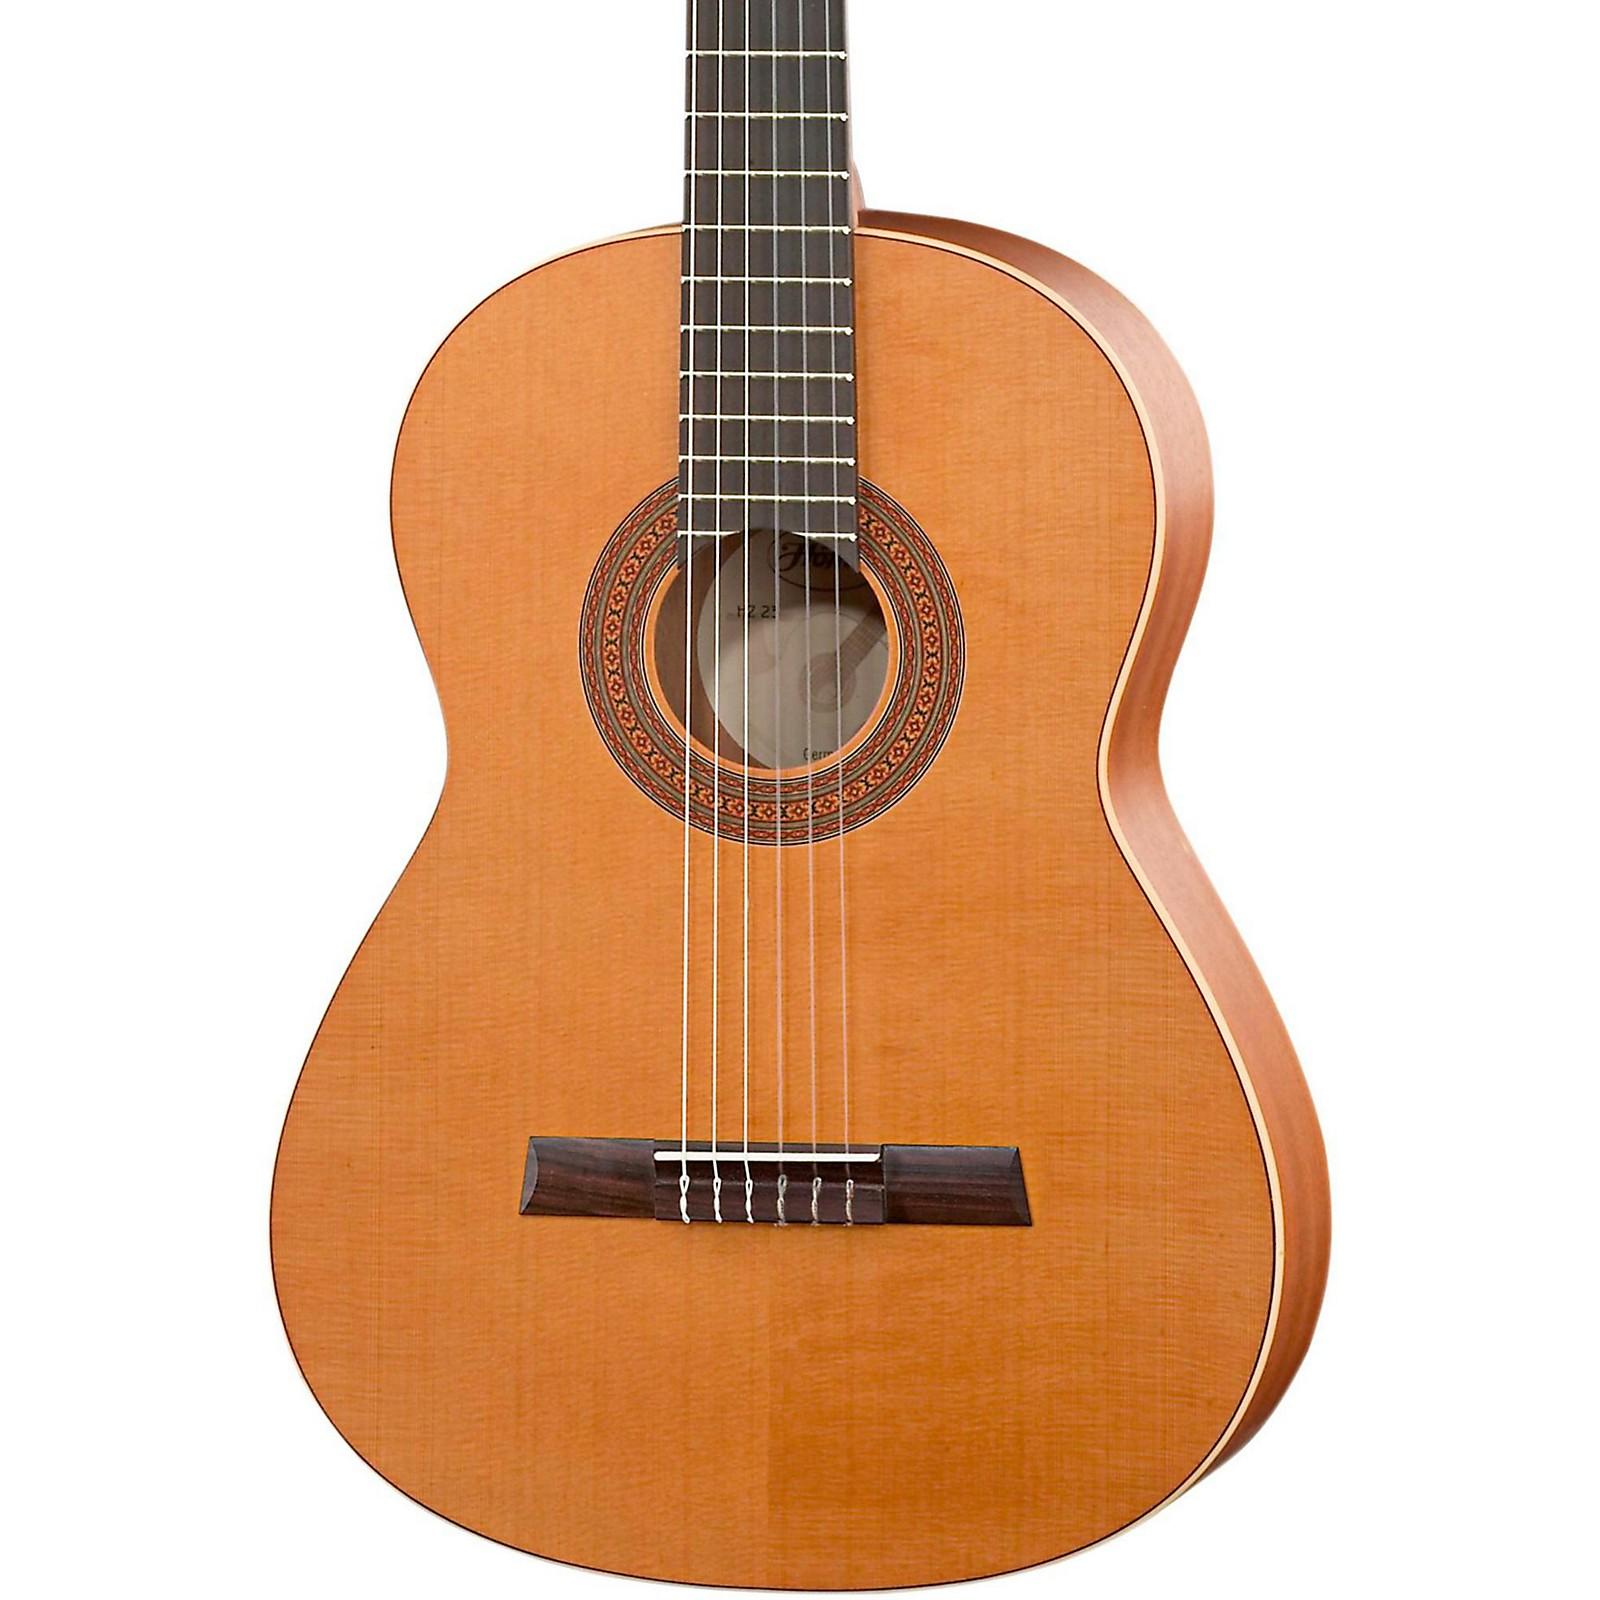 Open Box Hofner Solid Cedar Top Mahogany Body Classical Acoustic Guitar